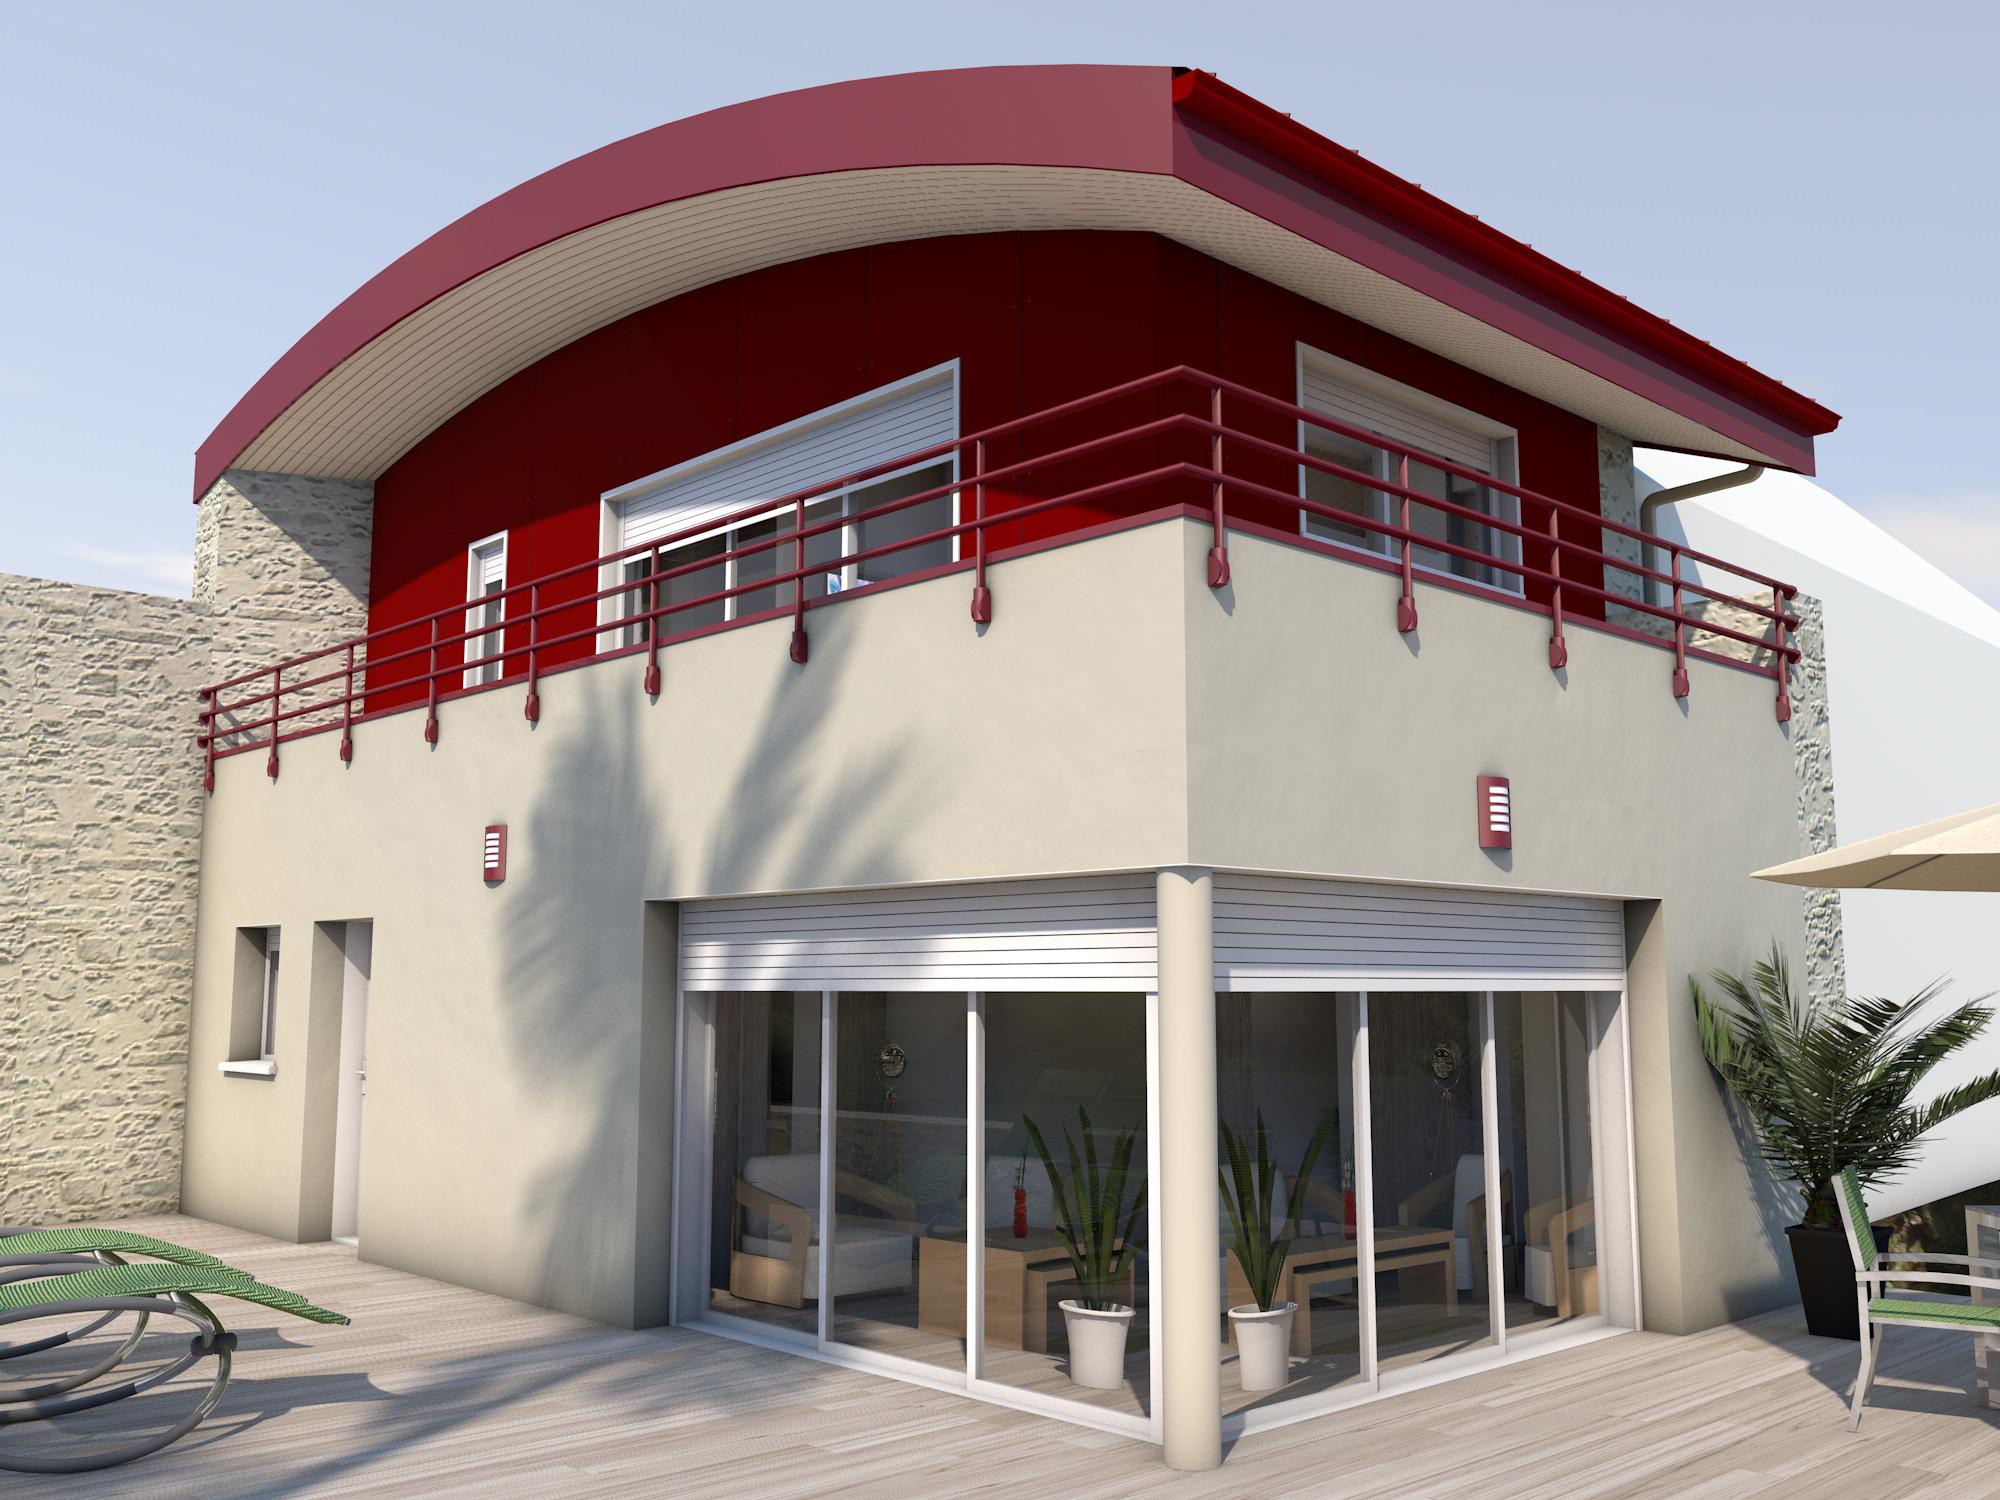 D bord de toit plat for Extension maison 9m2